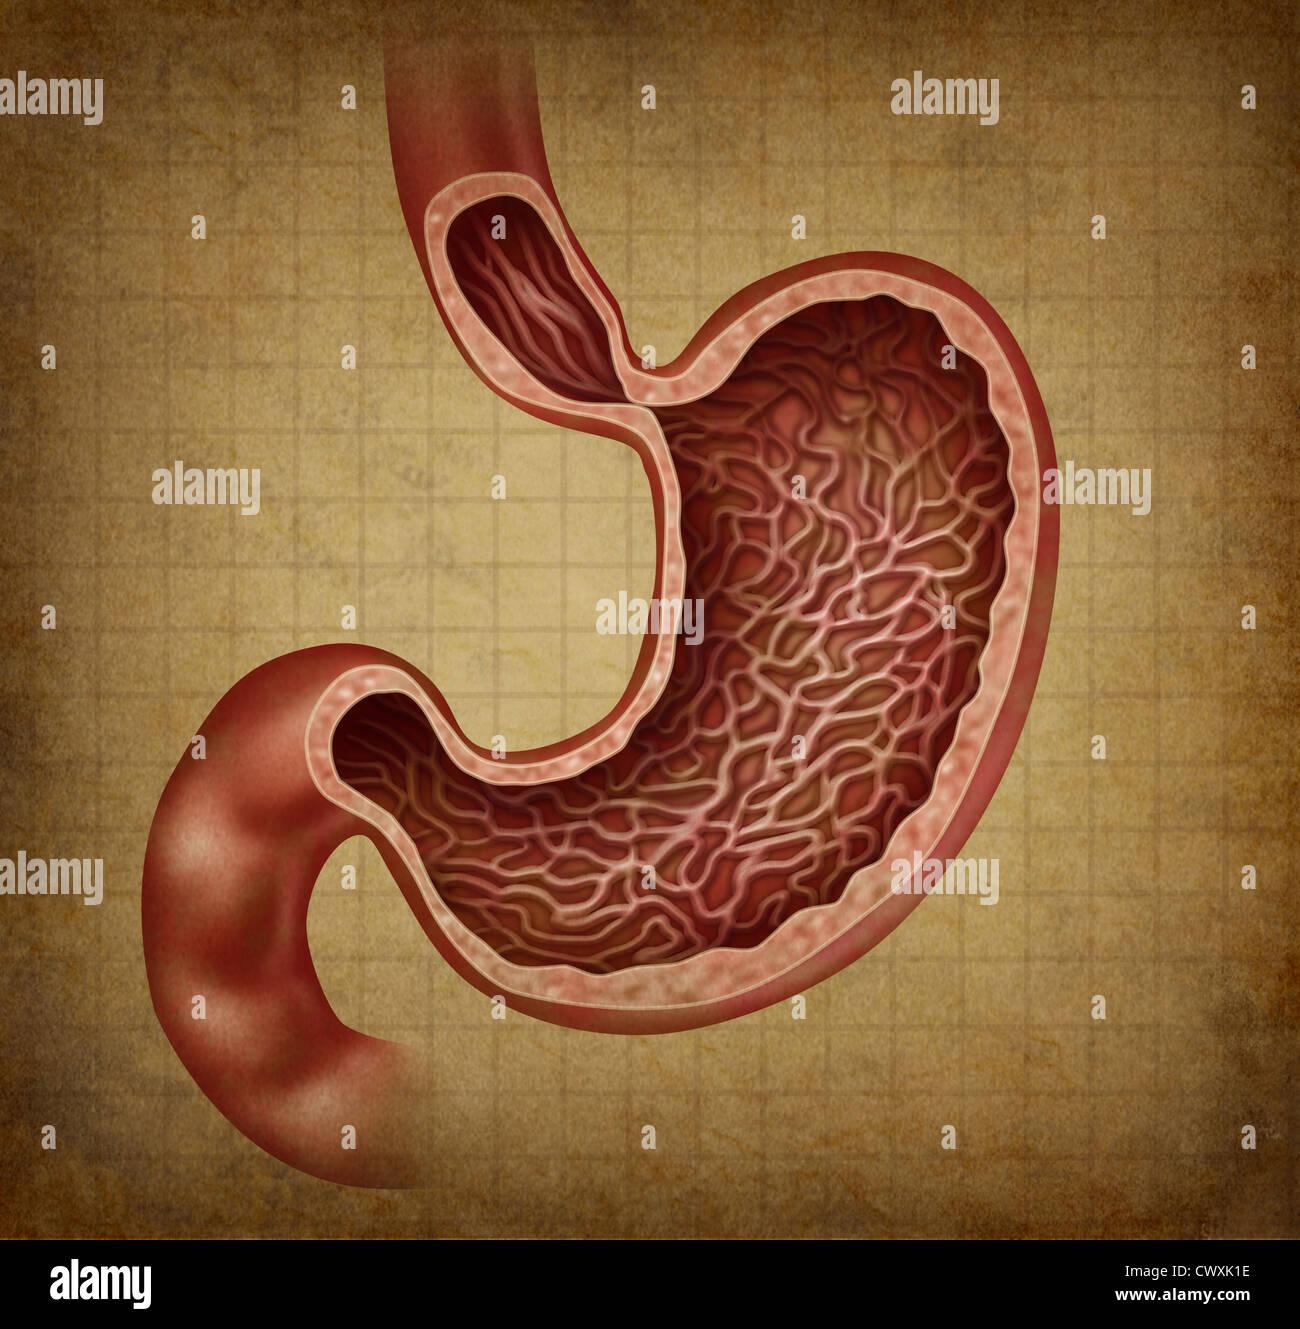 Magen Anatomie Diagramm des menschlichen Verdauungsorgane mit einem ...